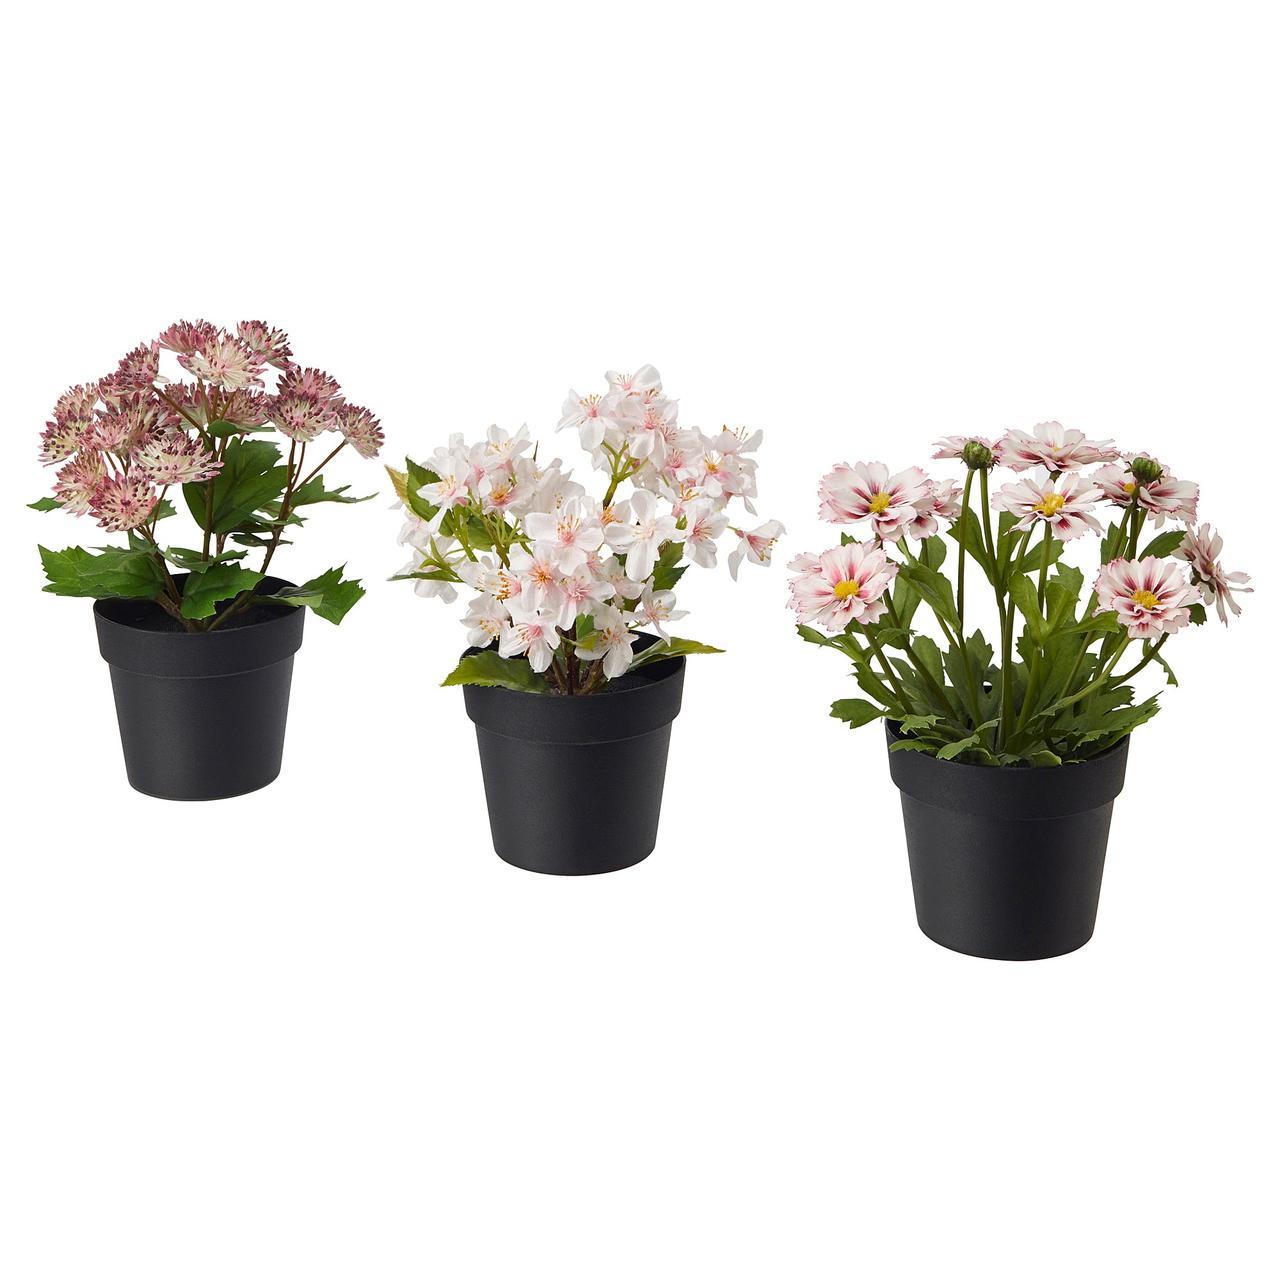 Искусственное растение в горшке IKEA FEJKA 9 см 3 шт розовые 703.953.19